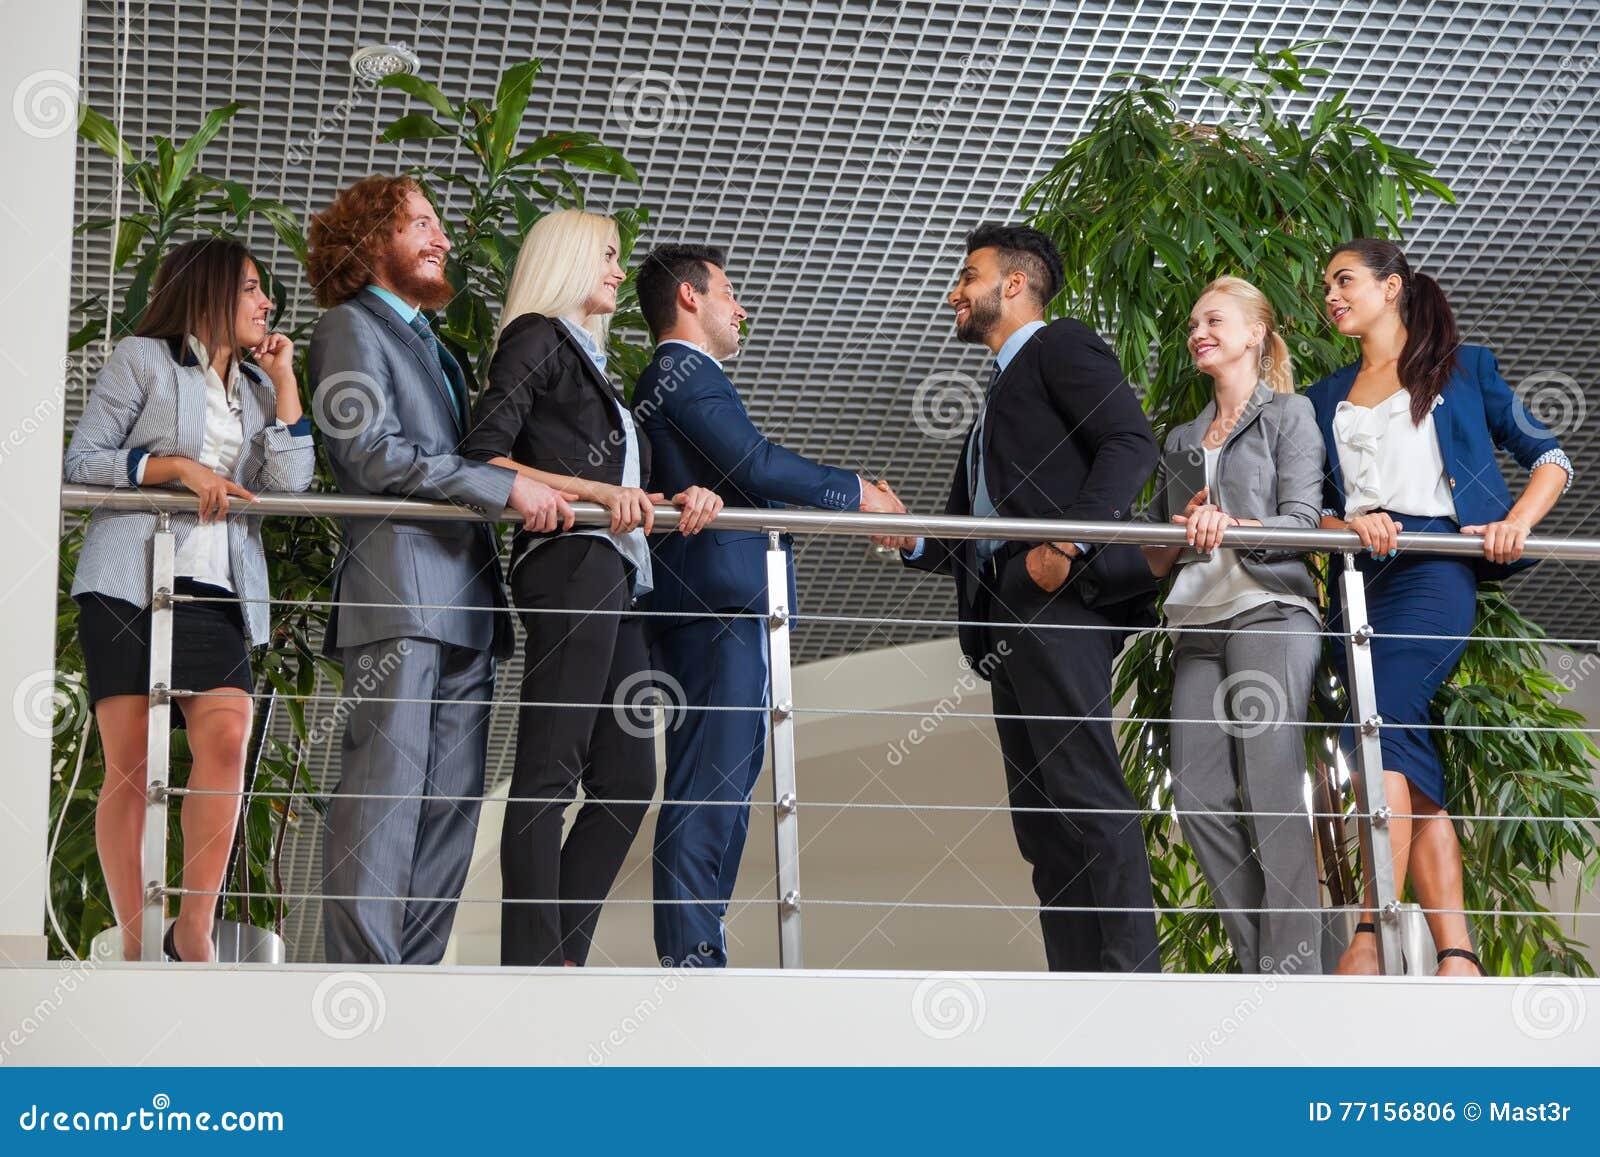 Gens d affaires de groupe de patron de geste de Hand Shake Welcome dans le bureau moderne, hommes d affaires Team Handshake